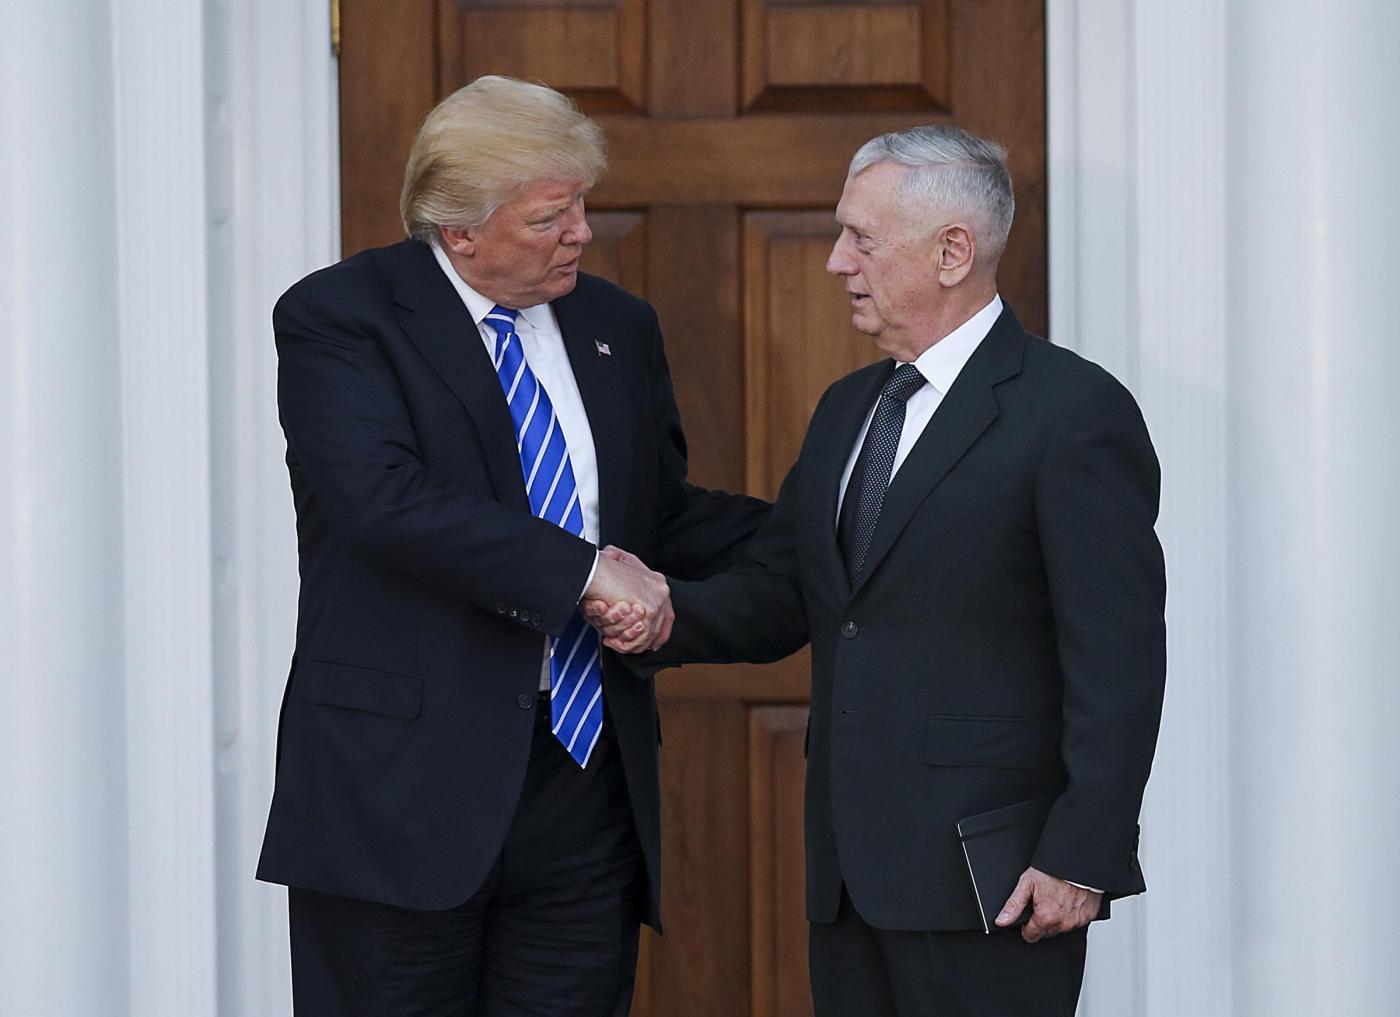 Chi è James Mattis 'Mad Dog', il cane pazzo super-falco scelto da Trump per guidare il Pentagono